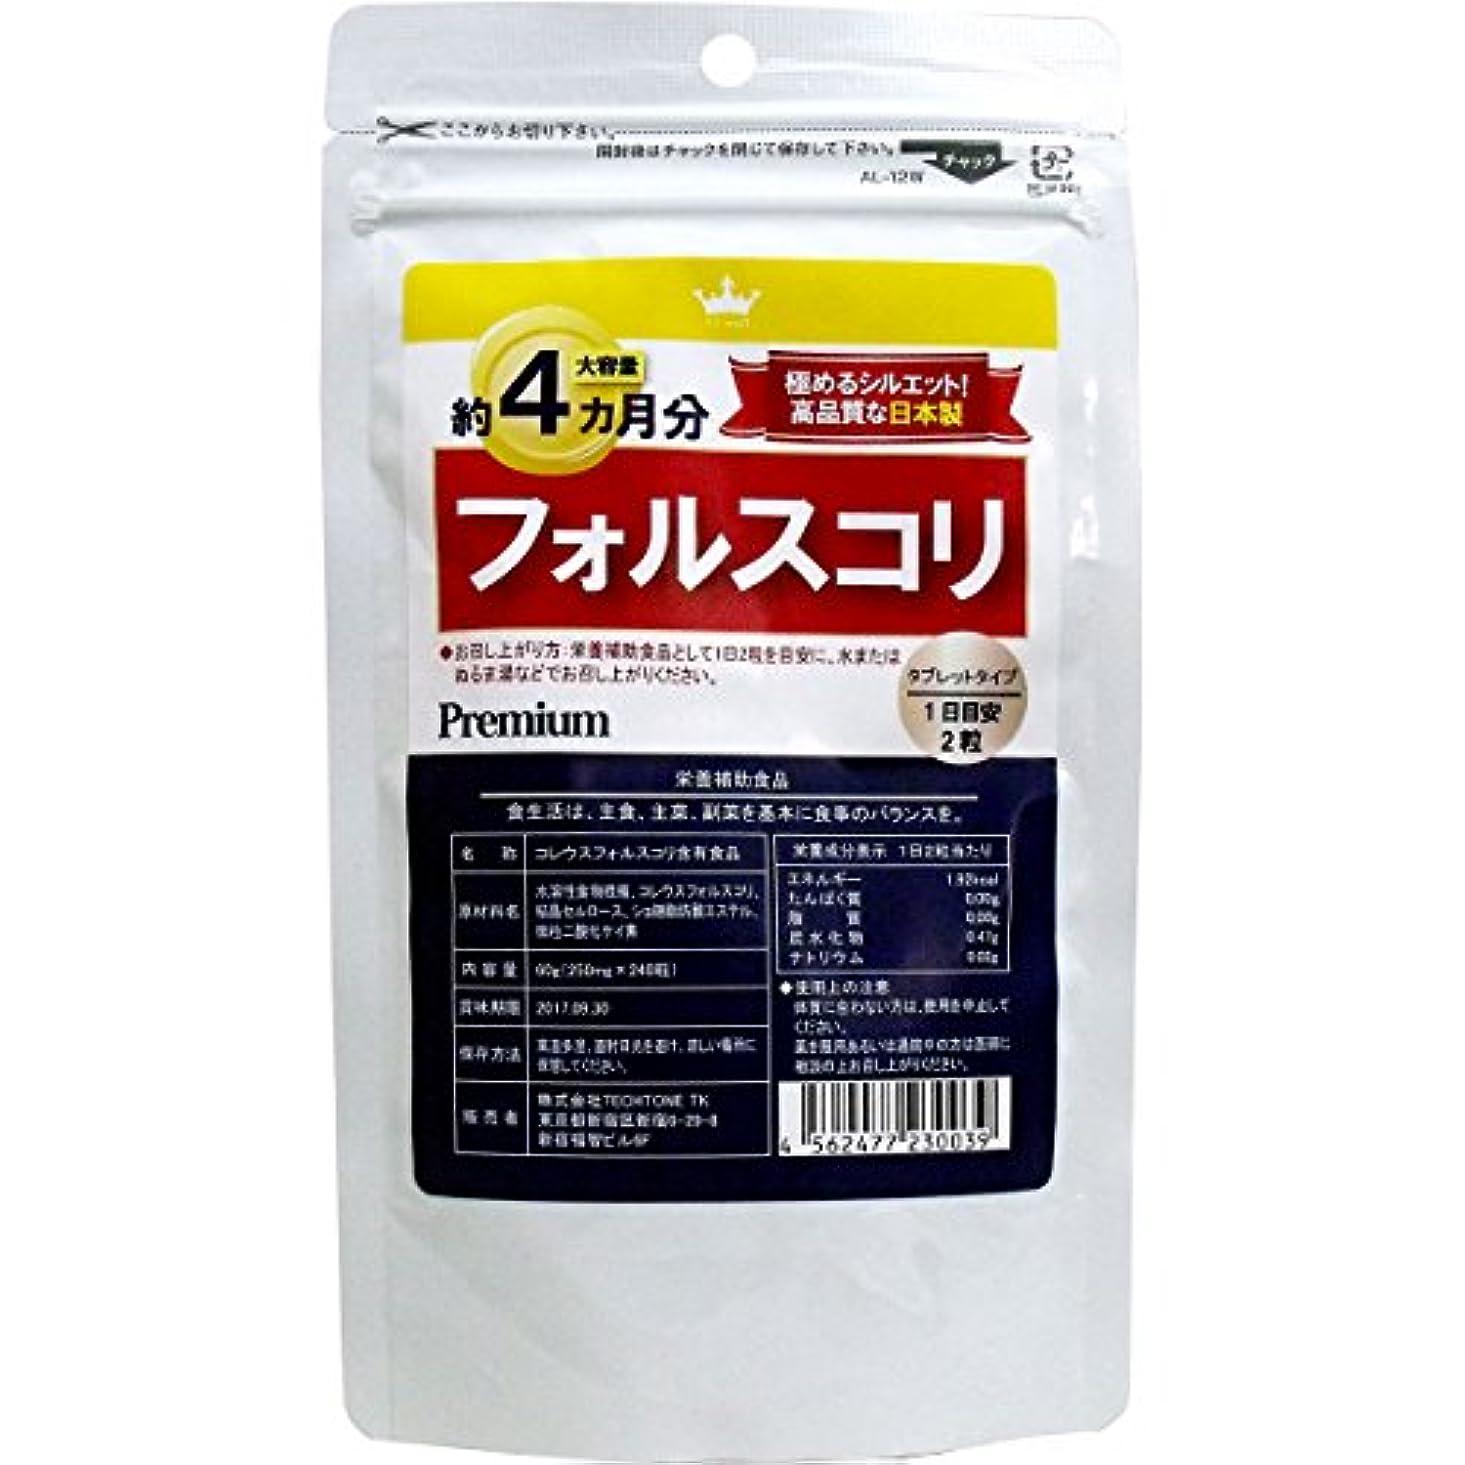 酸度ペイント悪のサプリメント 高品質な日本製 健康食品 フォルスコリ 約4カ月分 240粒入【2個セット】